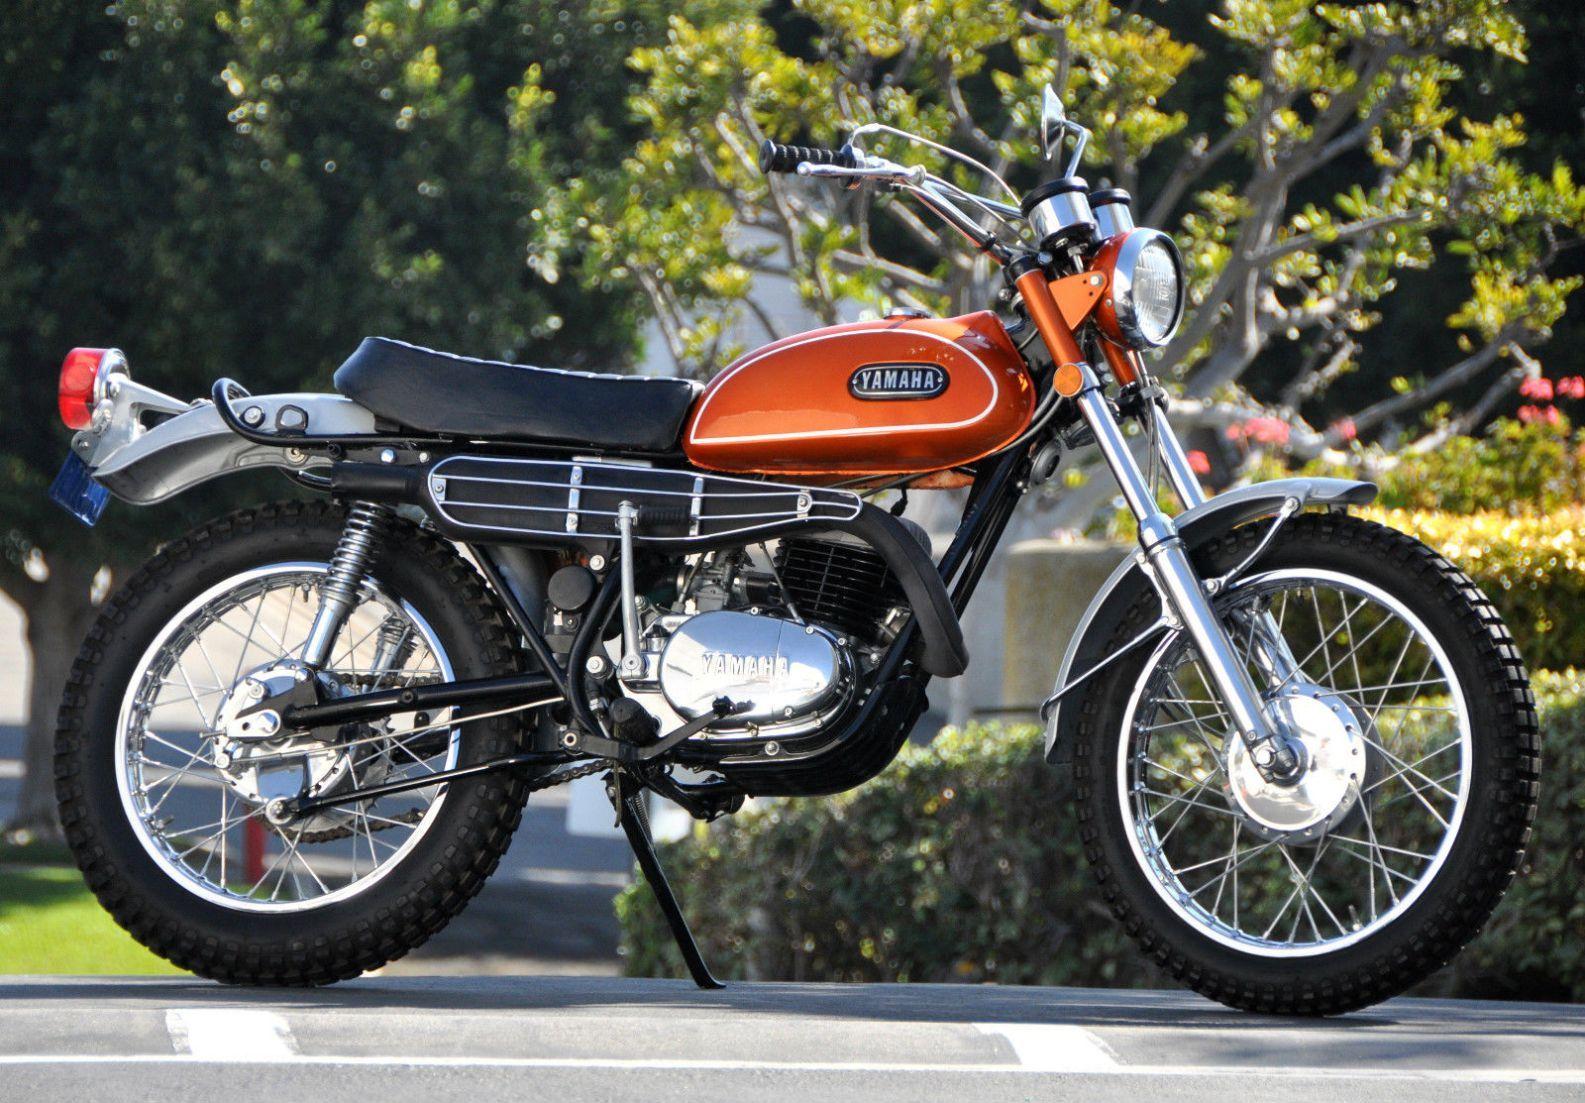 1971 Yamaha Dt 1 250 Yamaha Trail Bike Yamaha Bikes Enduro Motorcycle